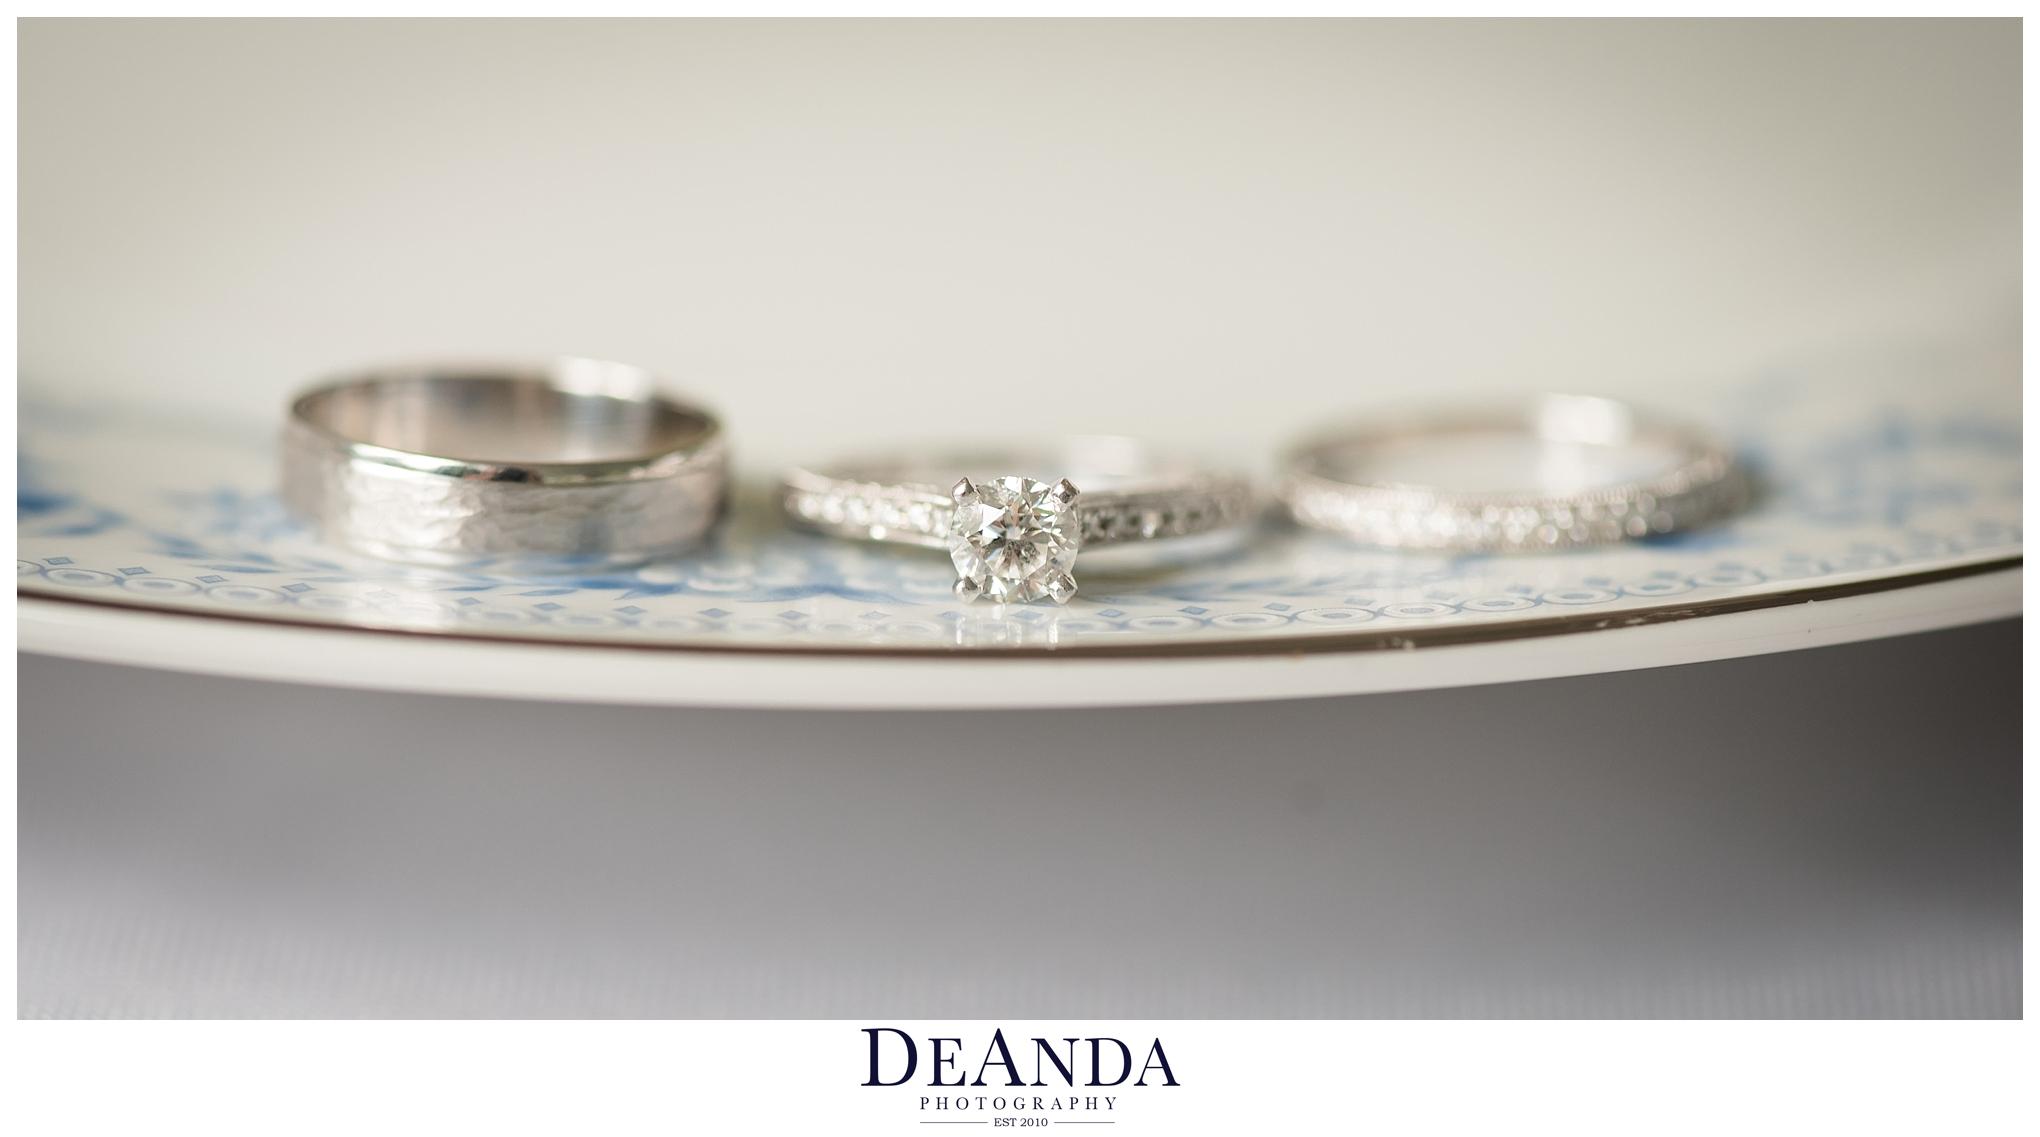 wedding rings on vintage plate